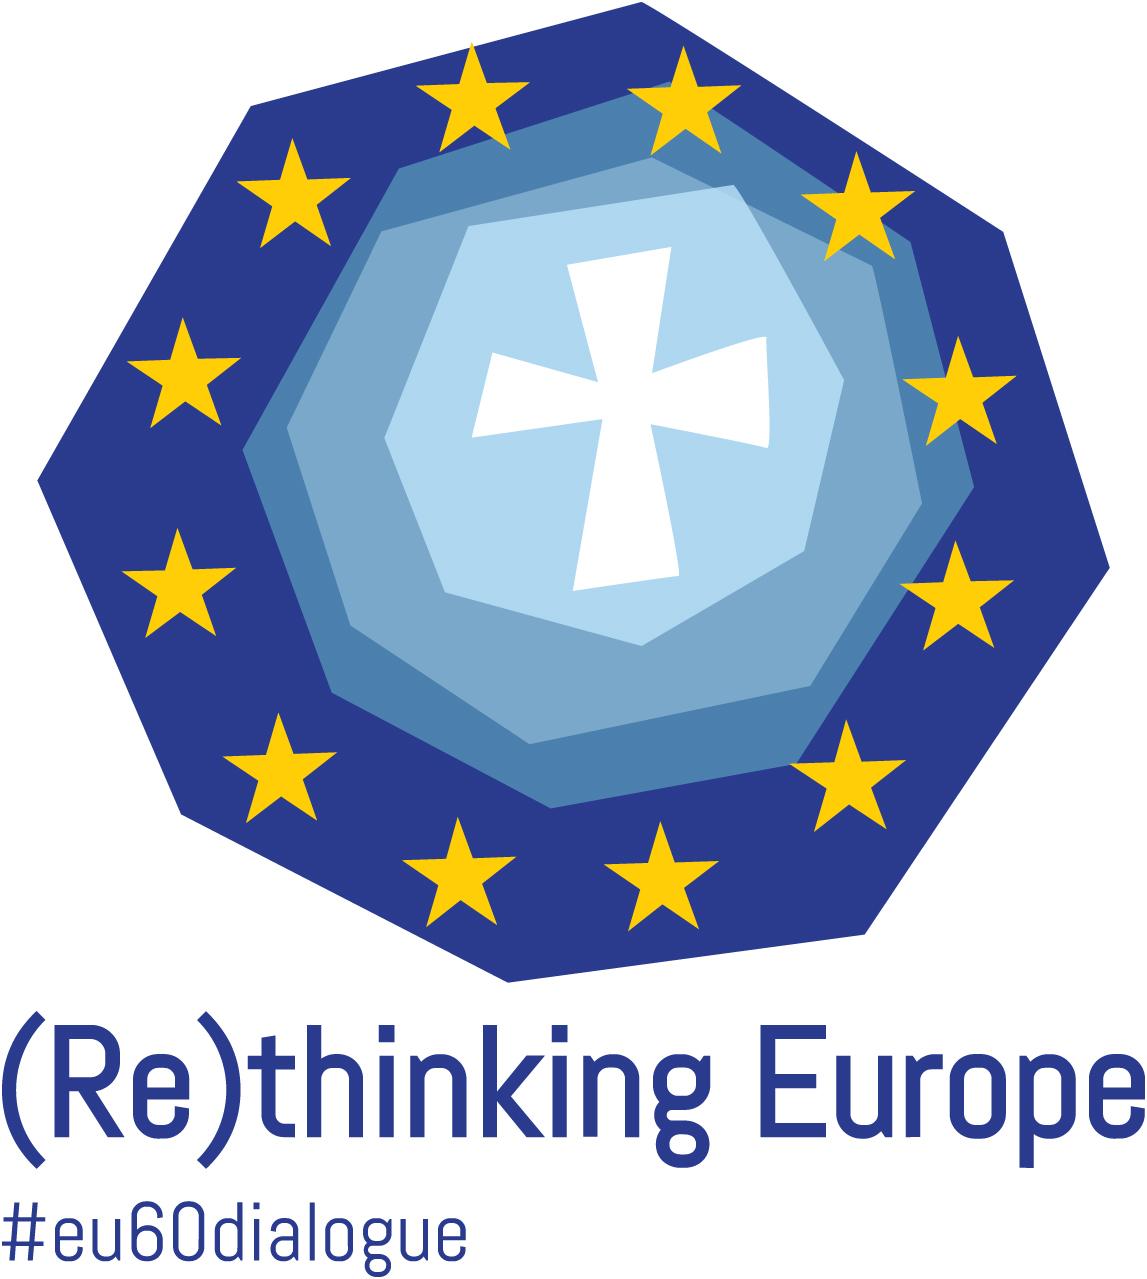 logo_rethinkingeurope.jpg